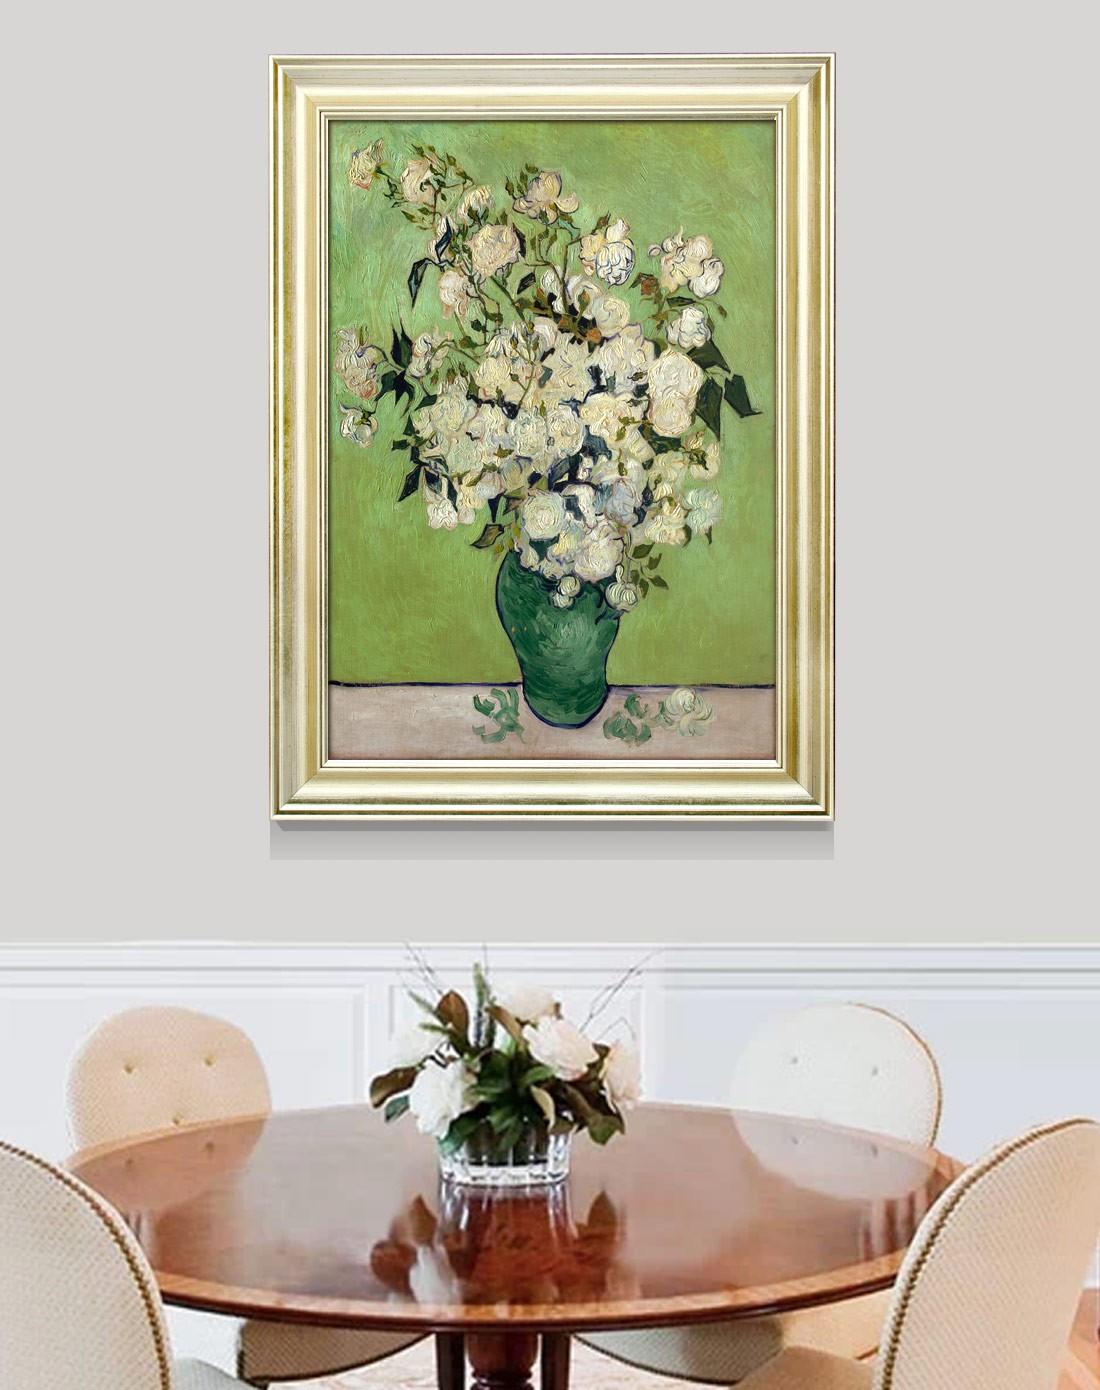 柠檬树家居装饰专场高清画芯装饰画 梵高白玫瑰k3